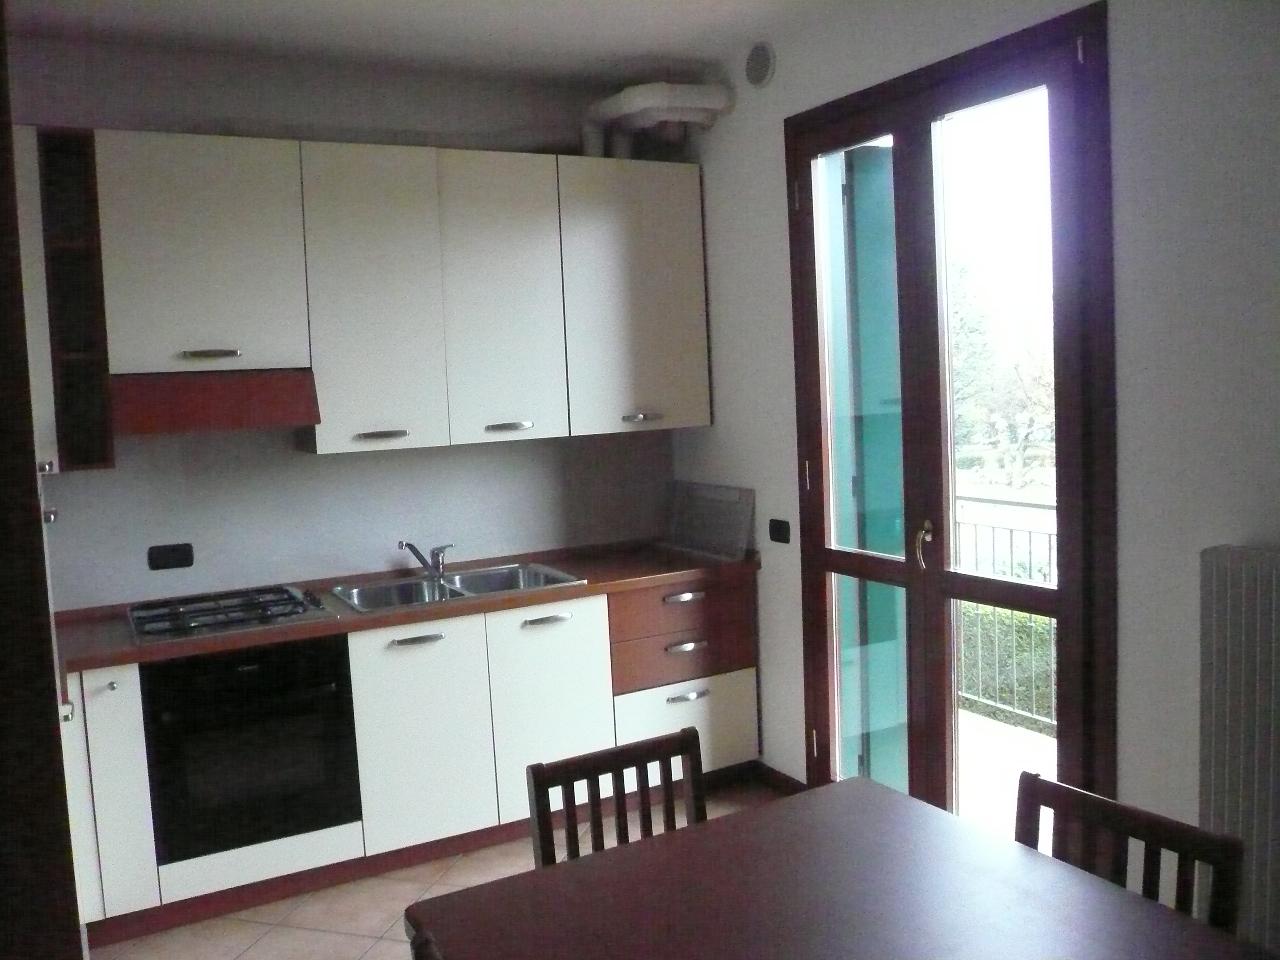 Appartamento in affitto a San Biagio di Callalta, 2 locali, zona Località: SanFloriano, prezzo € 480 | CambioCasa.it